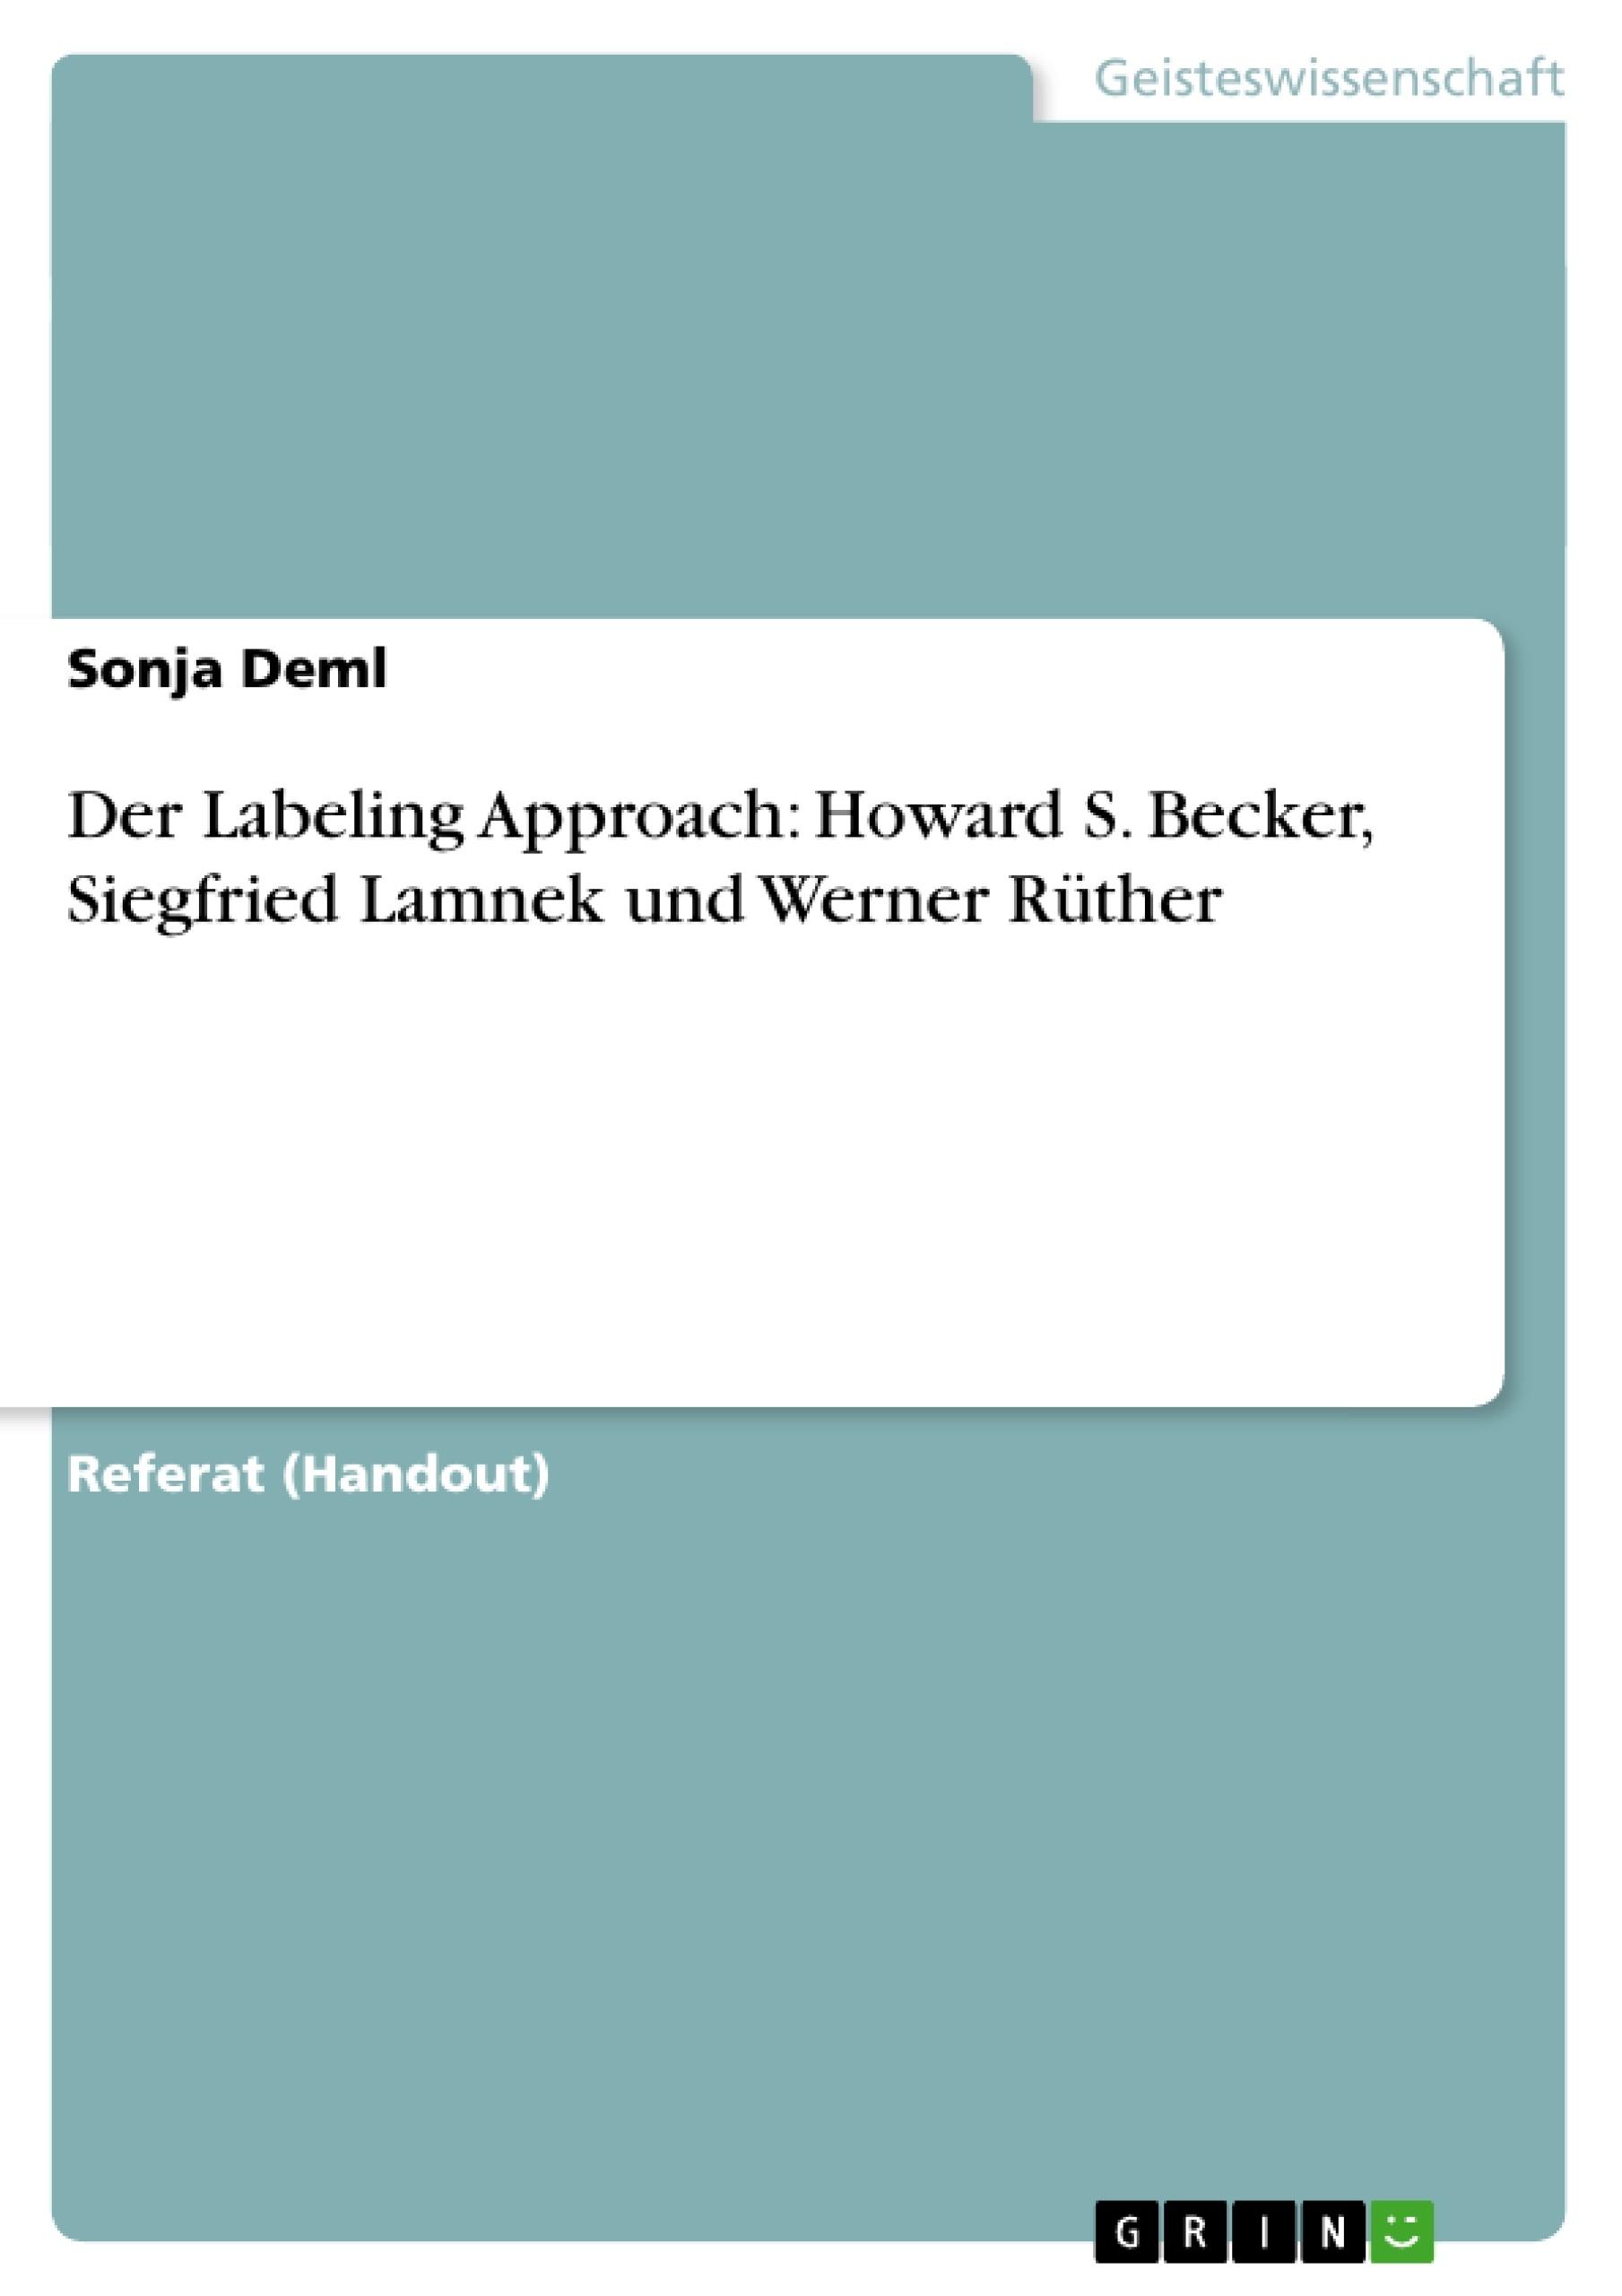 Titel: Der Labeling Approach. Howard S. Becker, Siegfried Lamnek und Werner Rüther